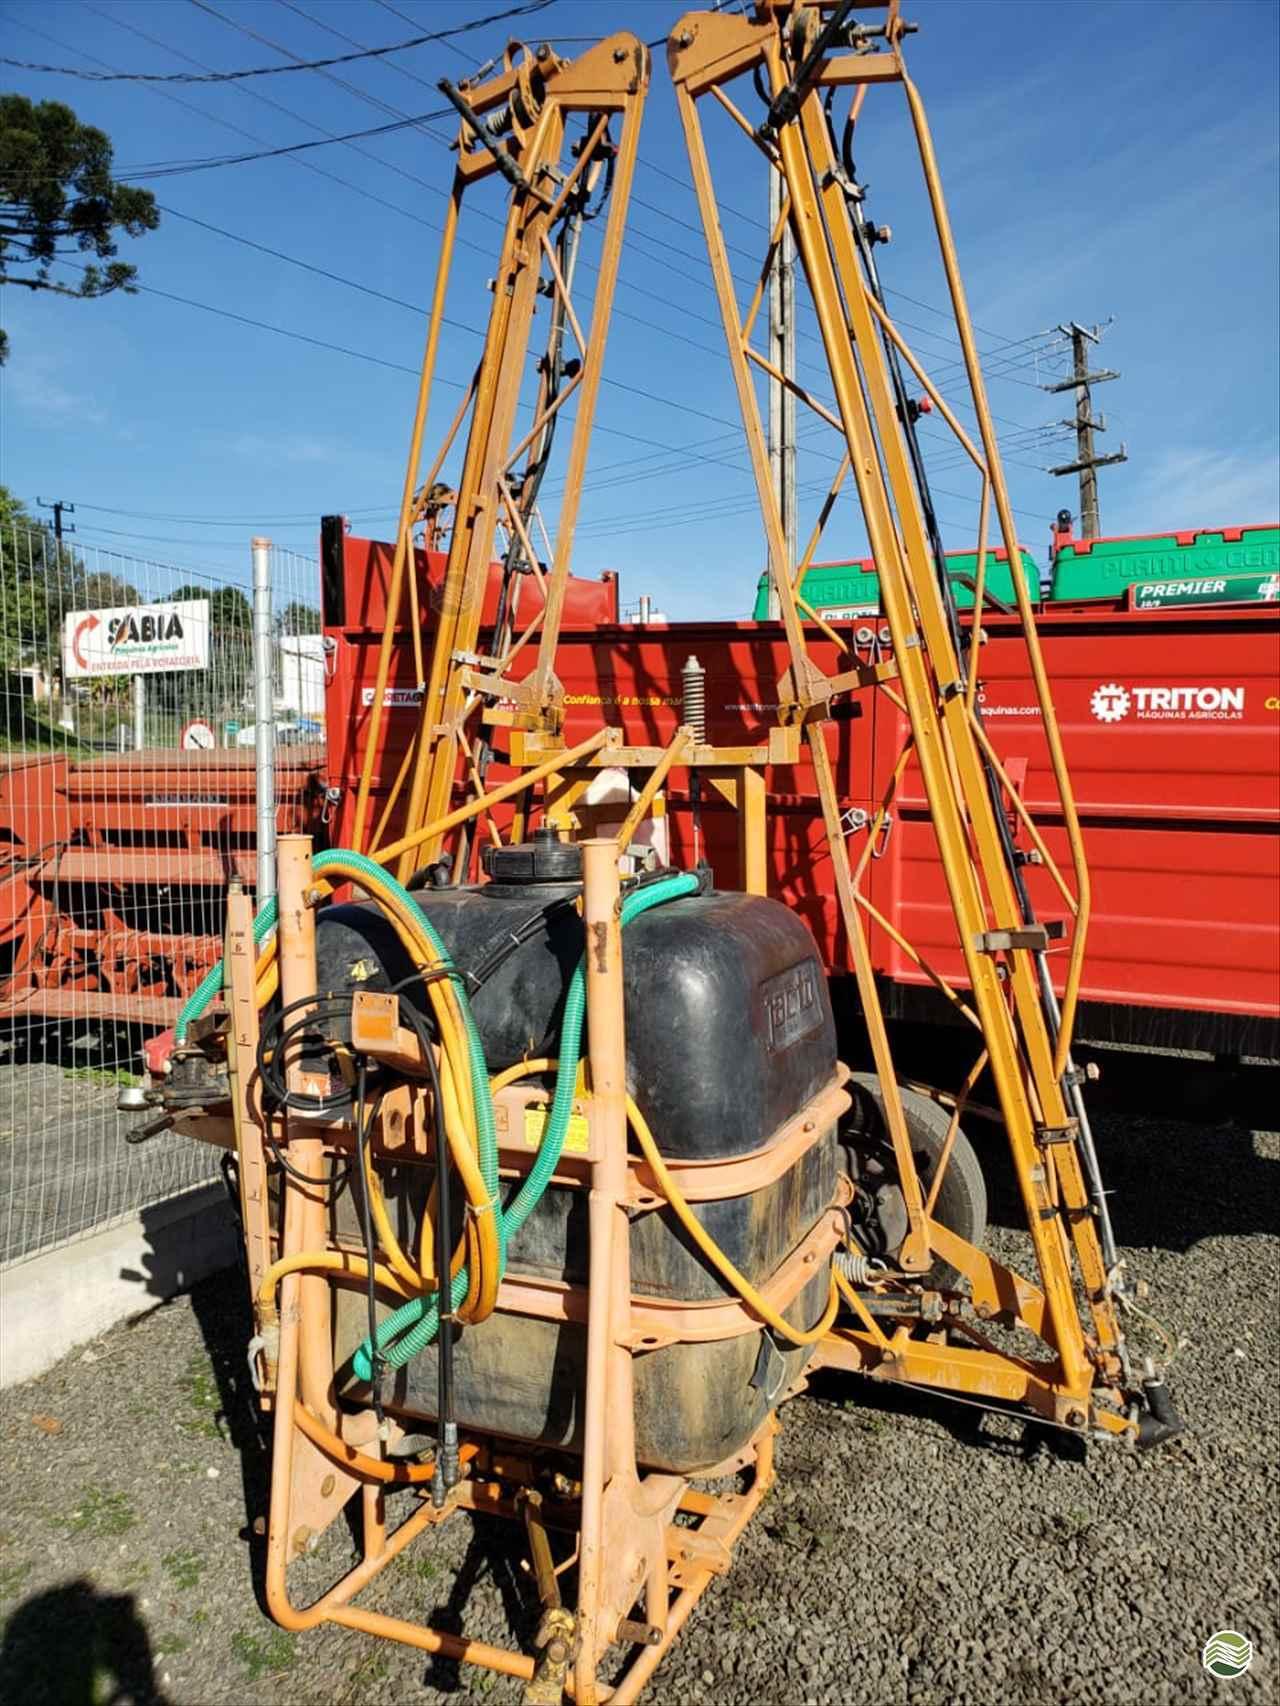 JACTO CONDOR 600 AM14  2000/2000 Sabiá Máquinas Agrícolas - Landini